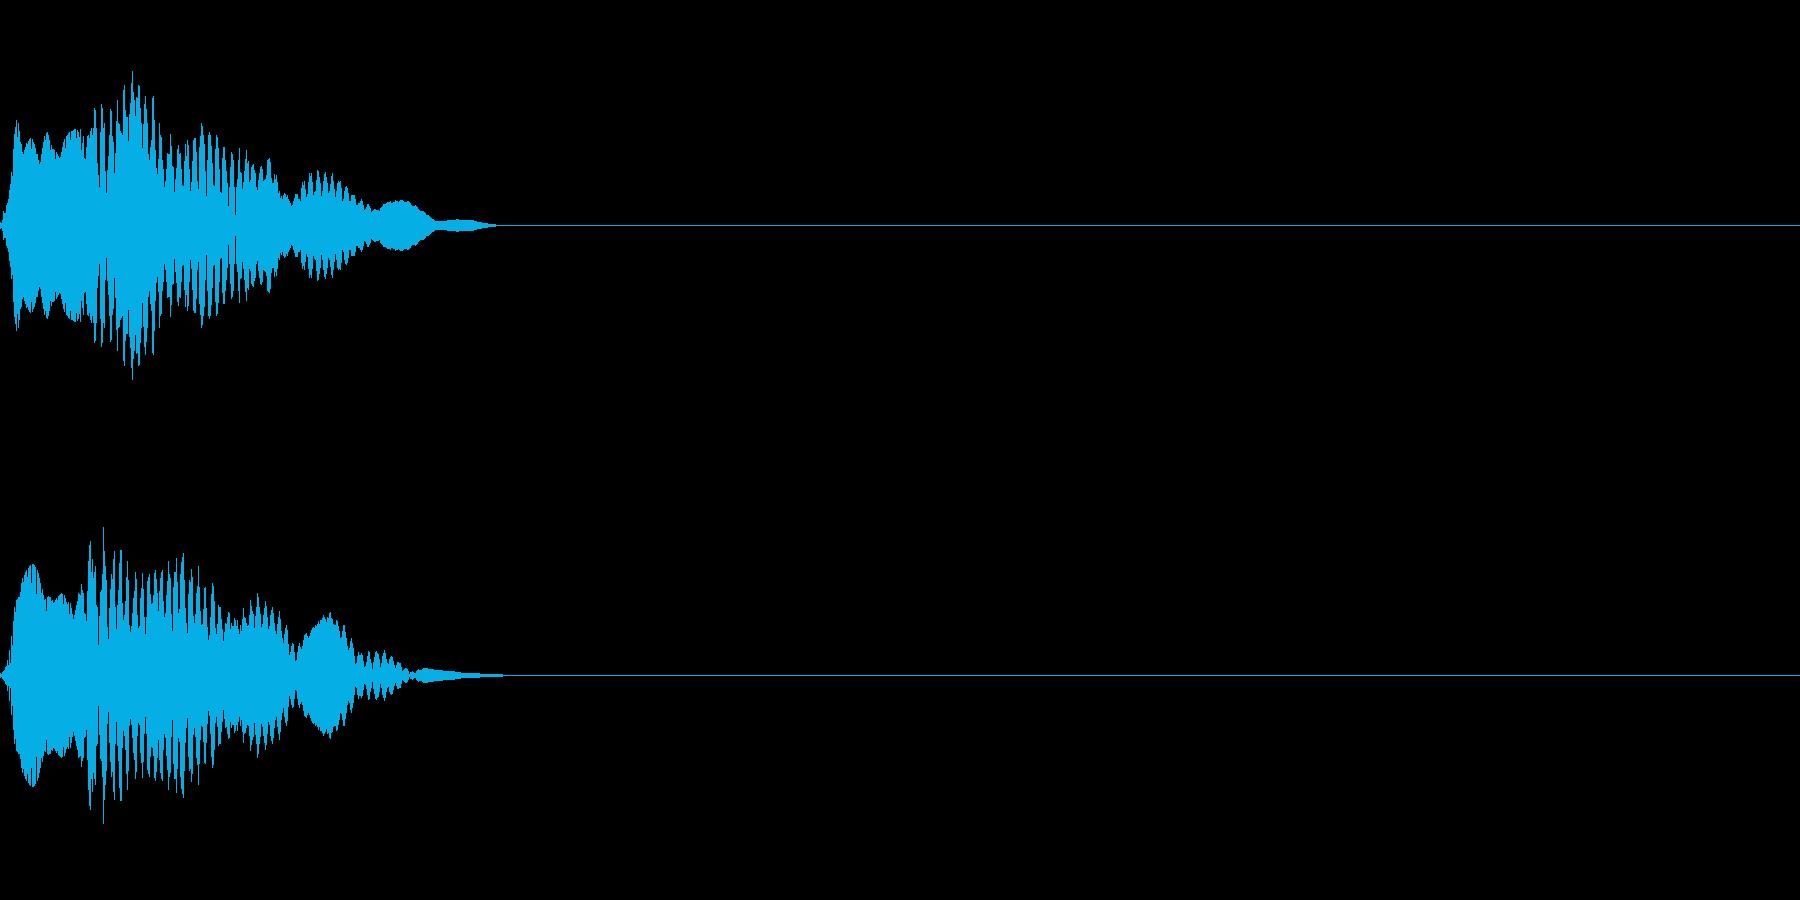 ピロン ゲーム/アプリ/起動音/スタートの再生済みの波形